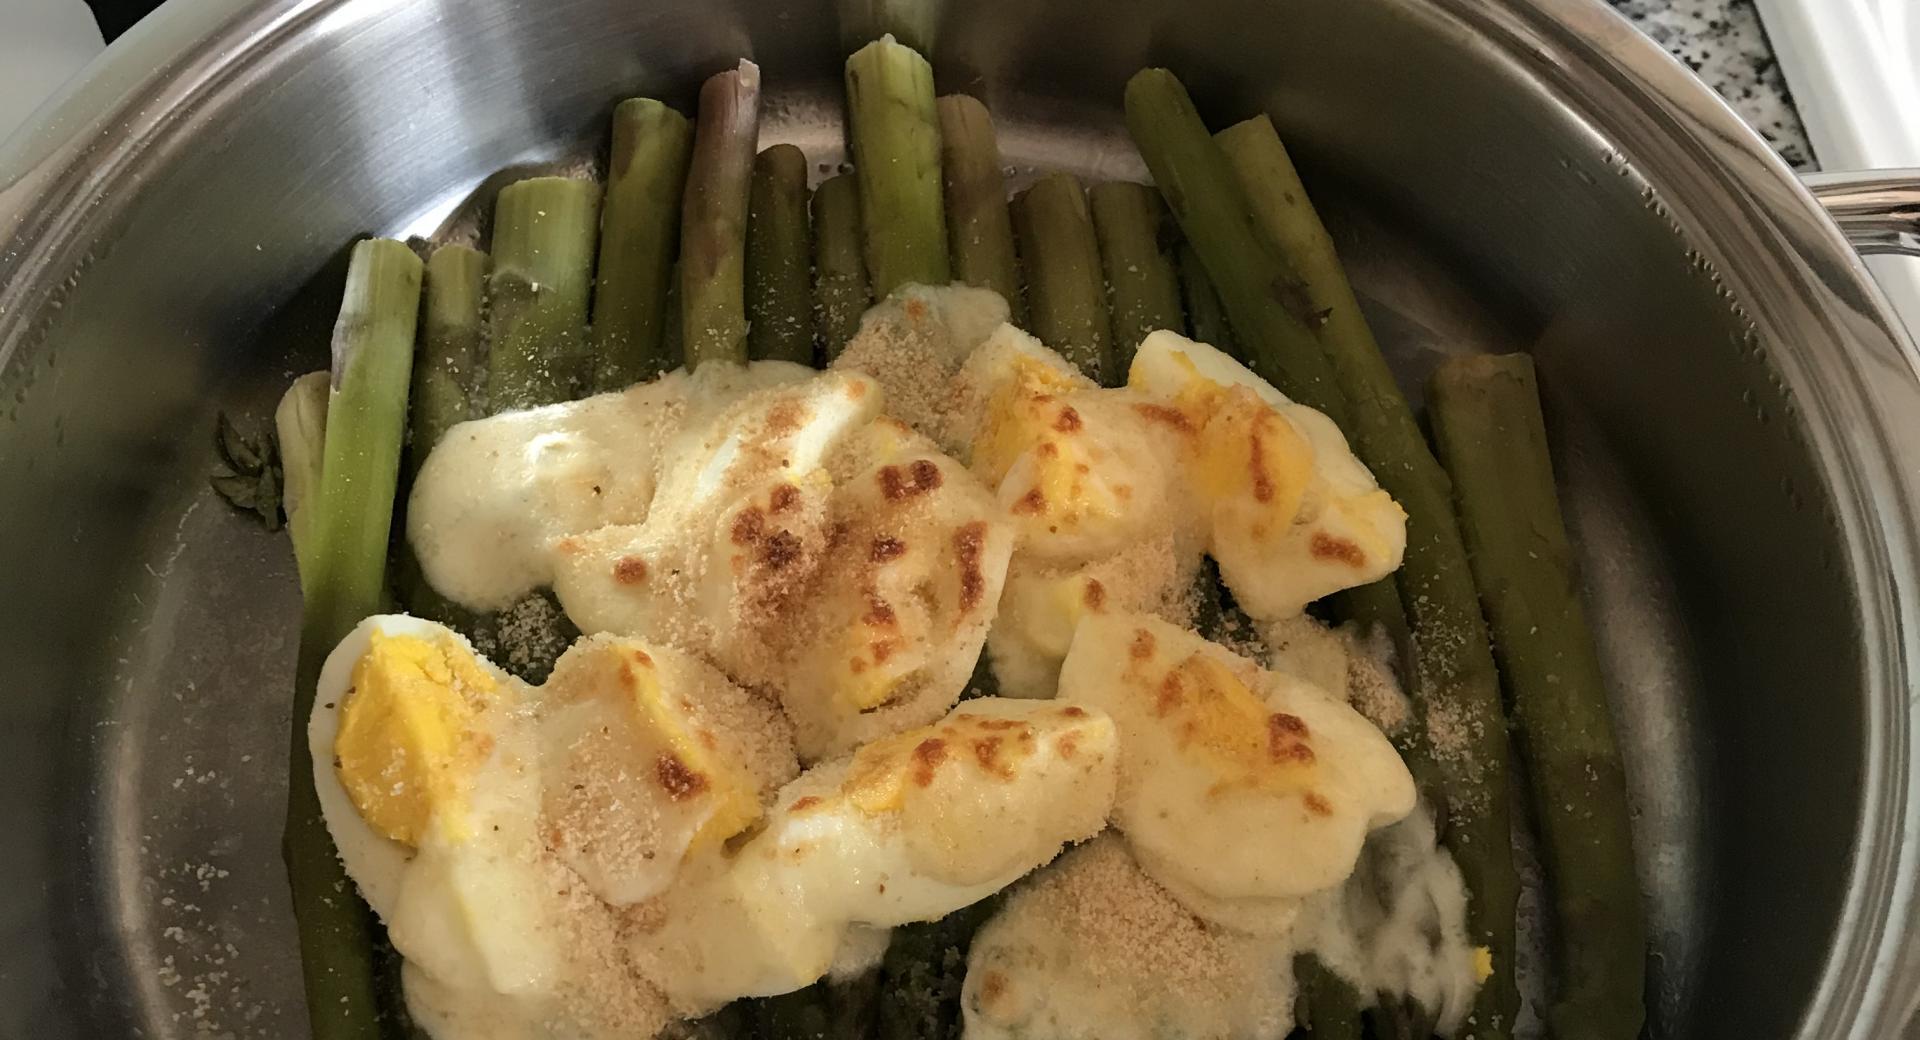 Asparagi gratinati con uova sode